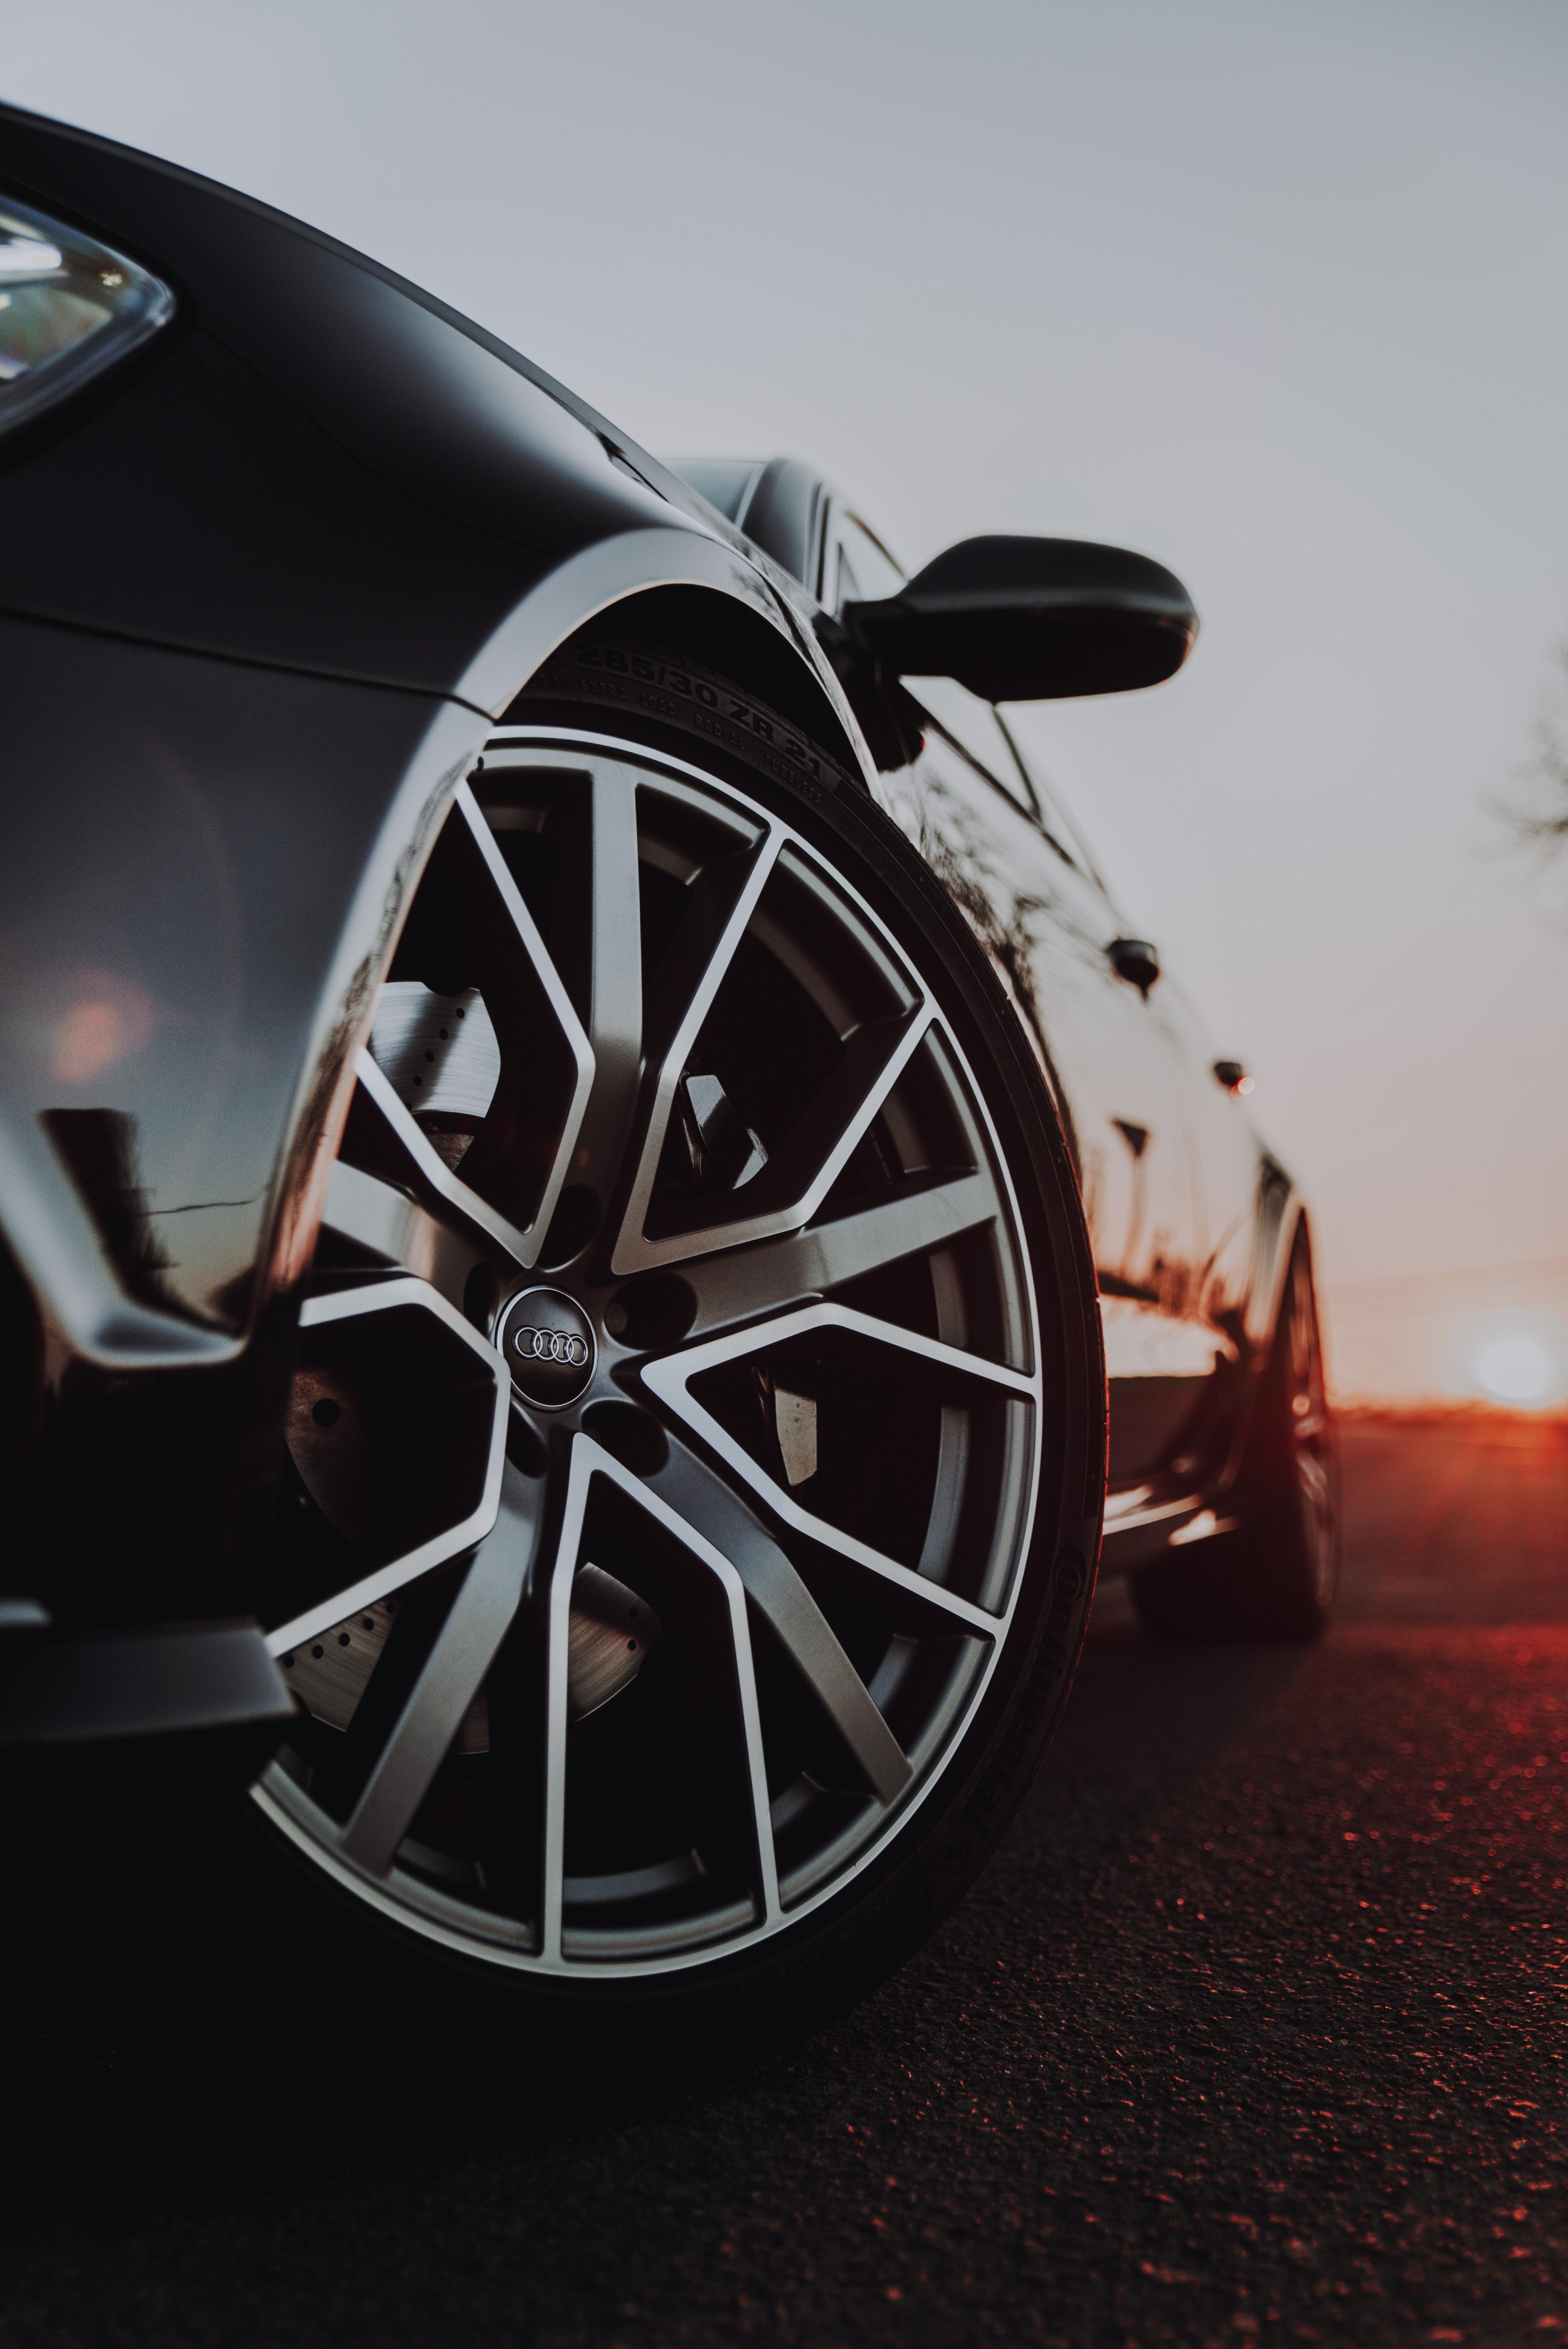 93816 скачать обои Тачки (Cars), Ауди (Audi), Автомобиль, Черный, Колесо - заставки и картинки бесплатно